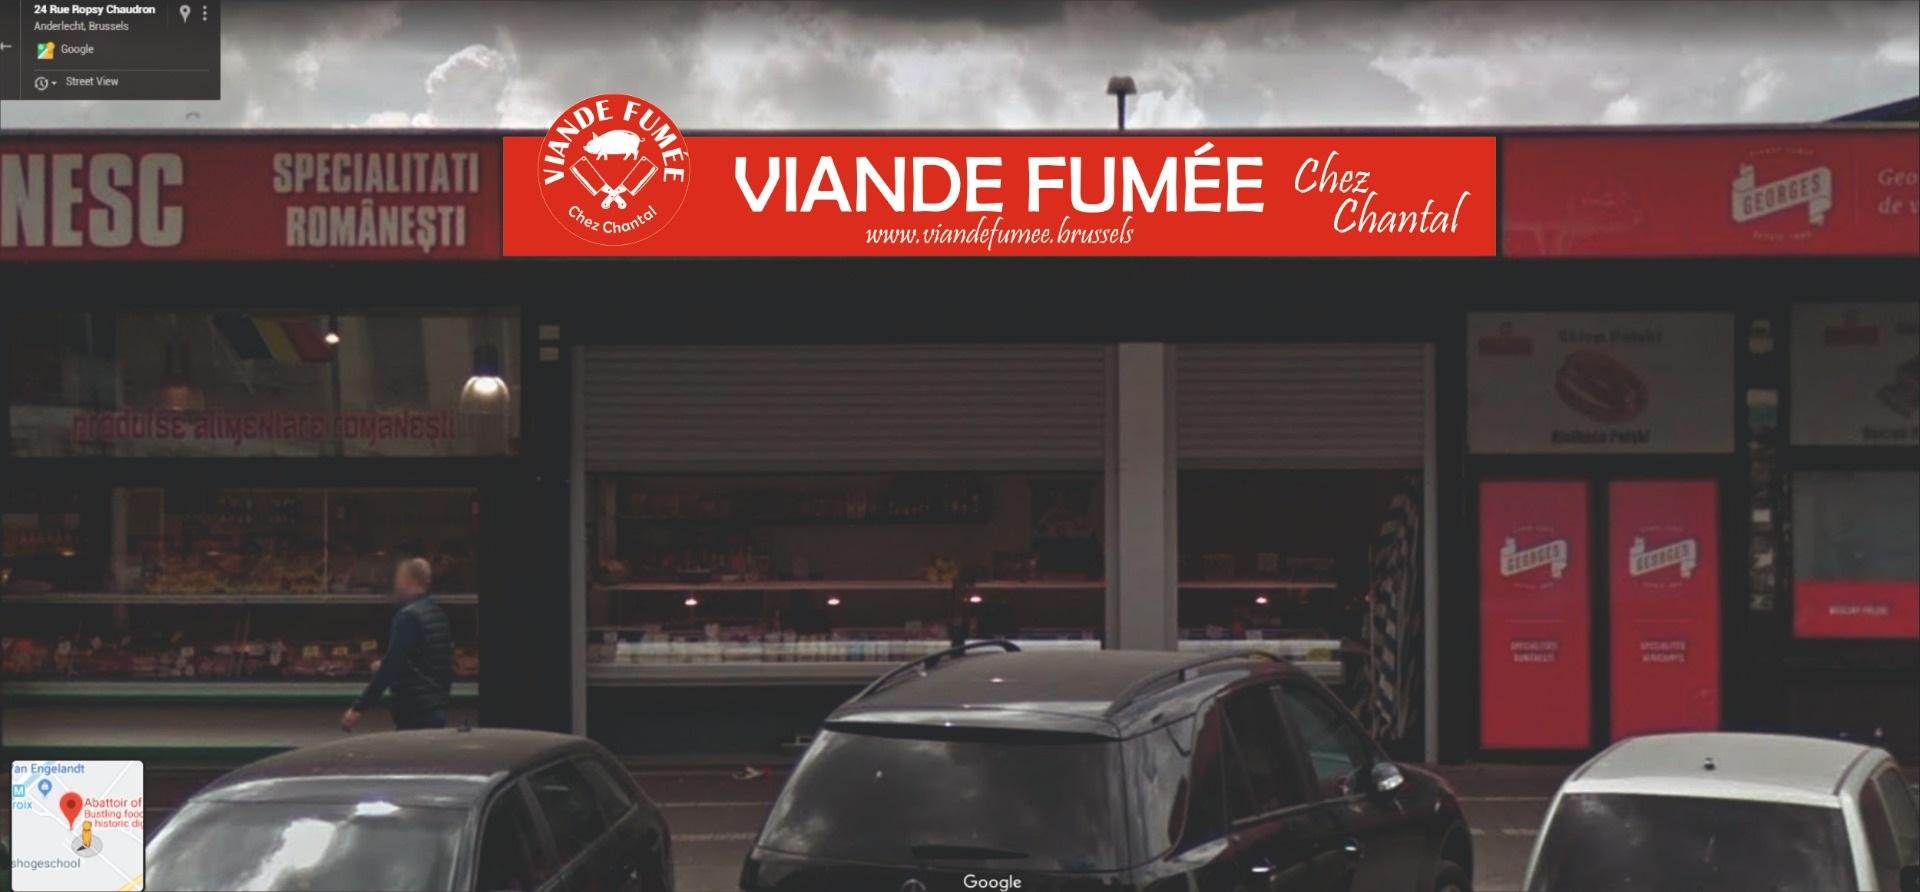 Viande Fumee Chez Chantal